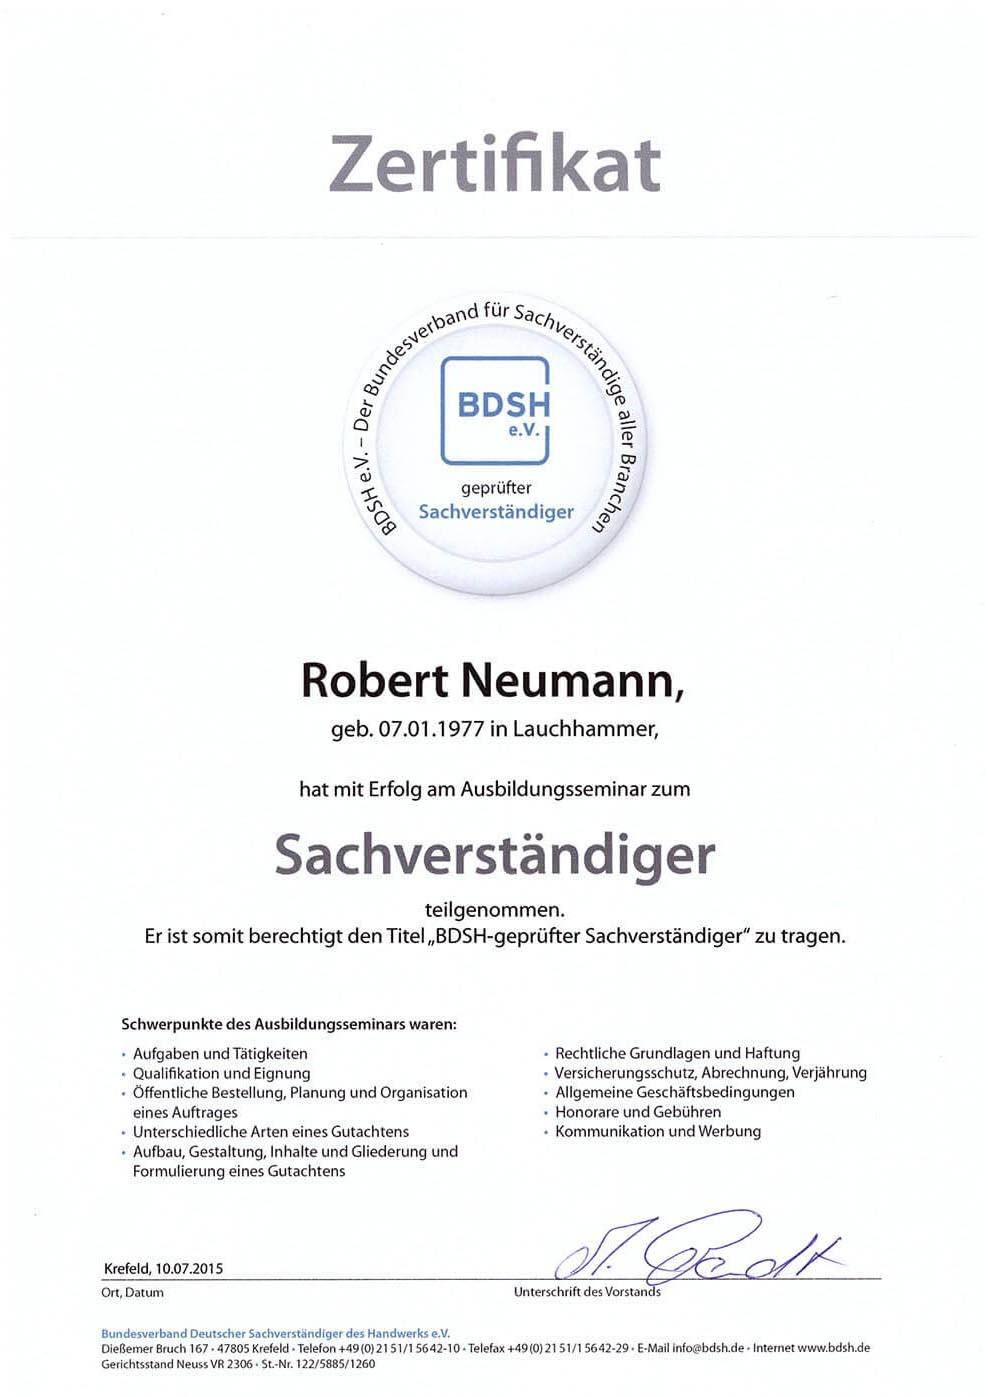 Zertifikat-BDSH